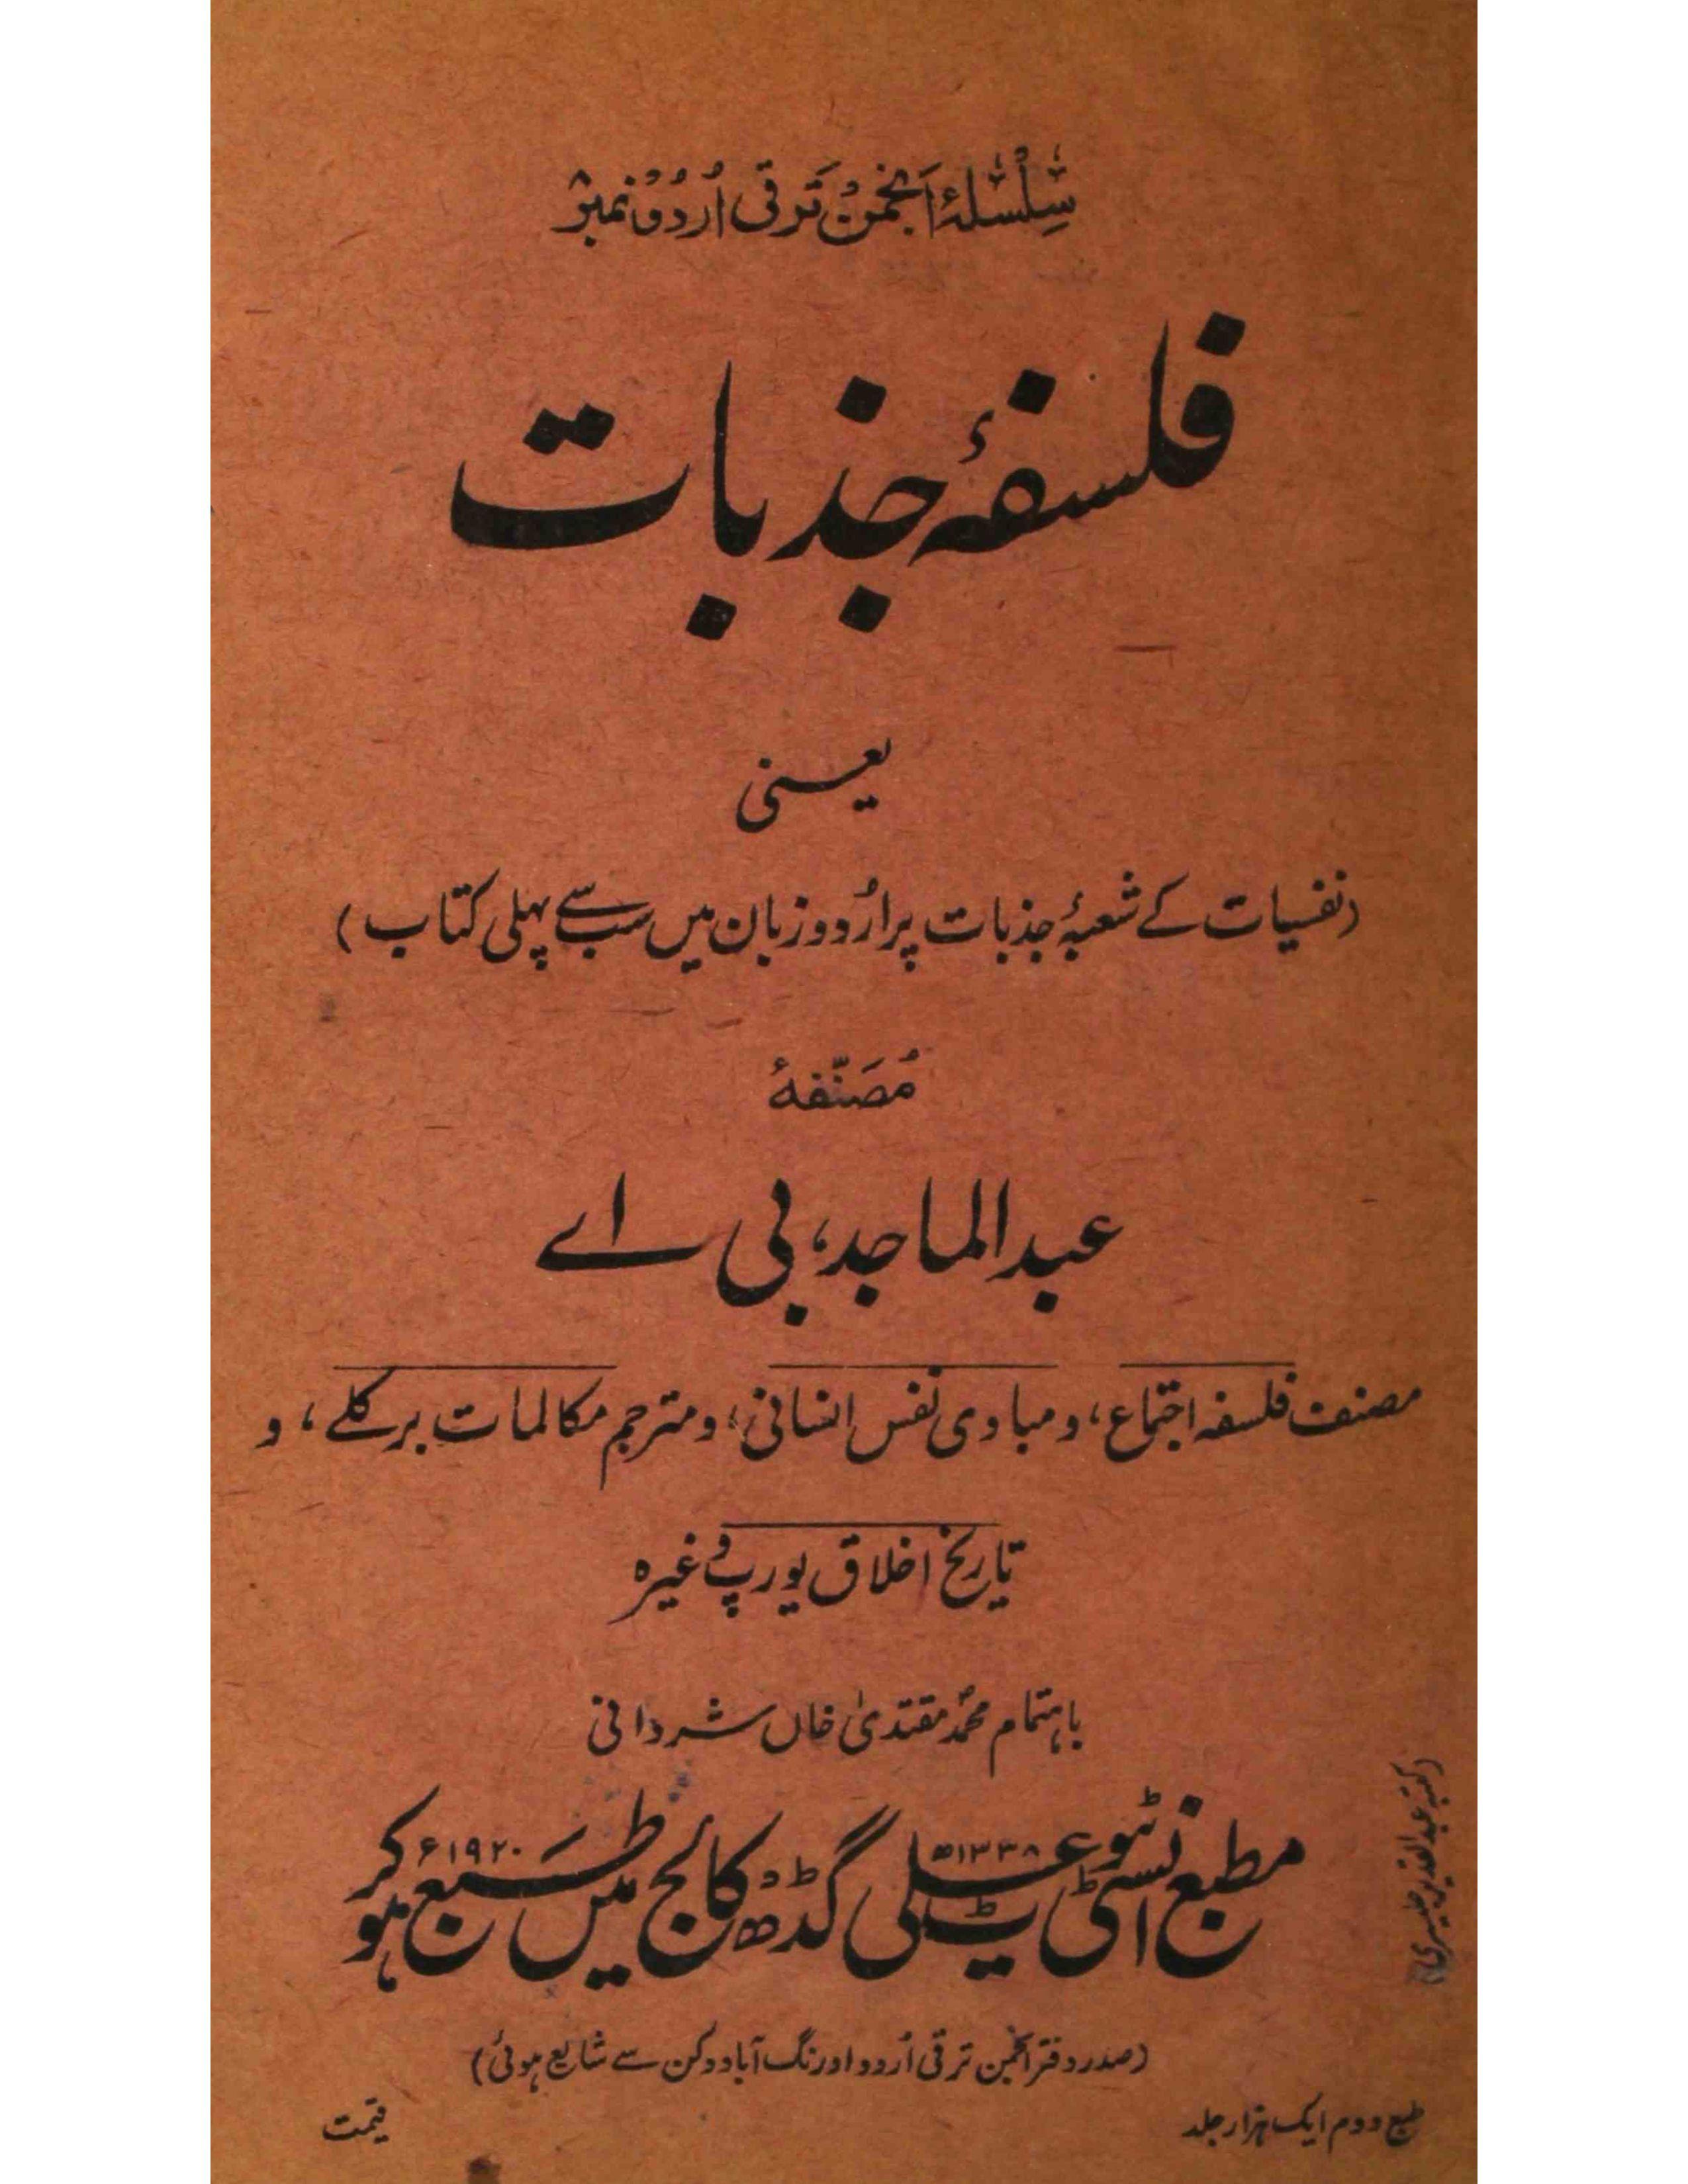 Falsafa-e-Jazbat